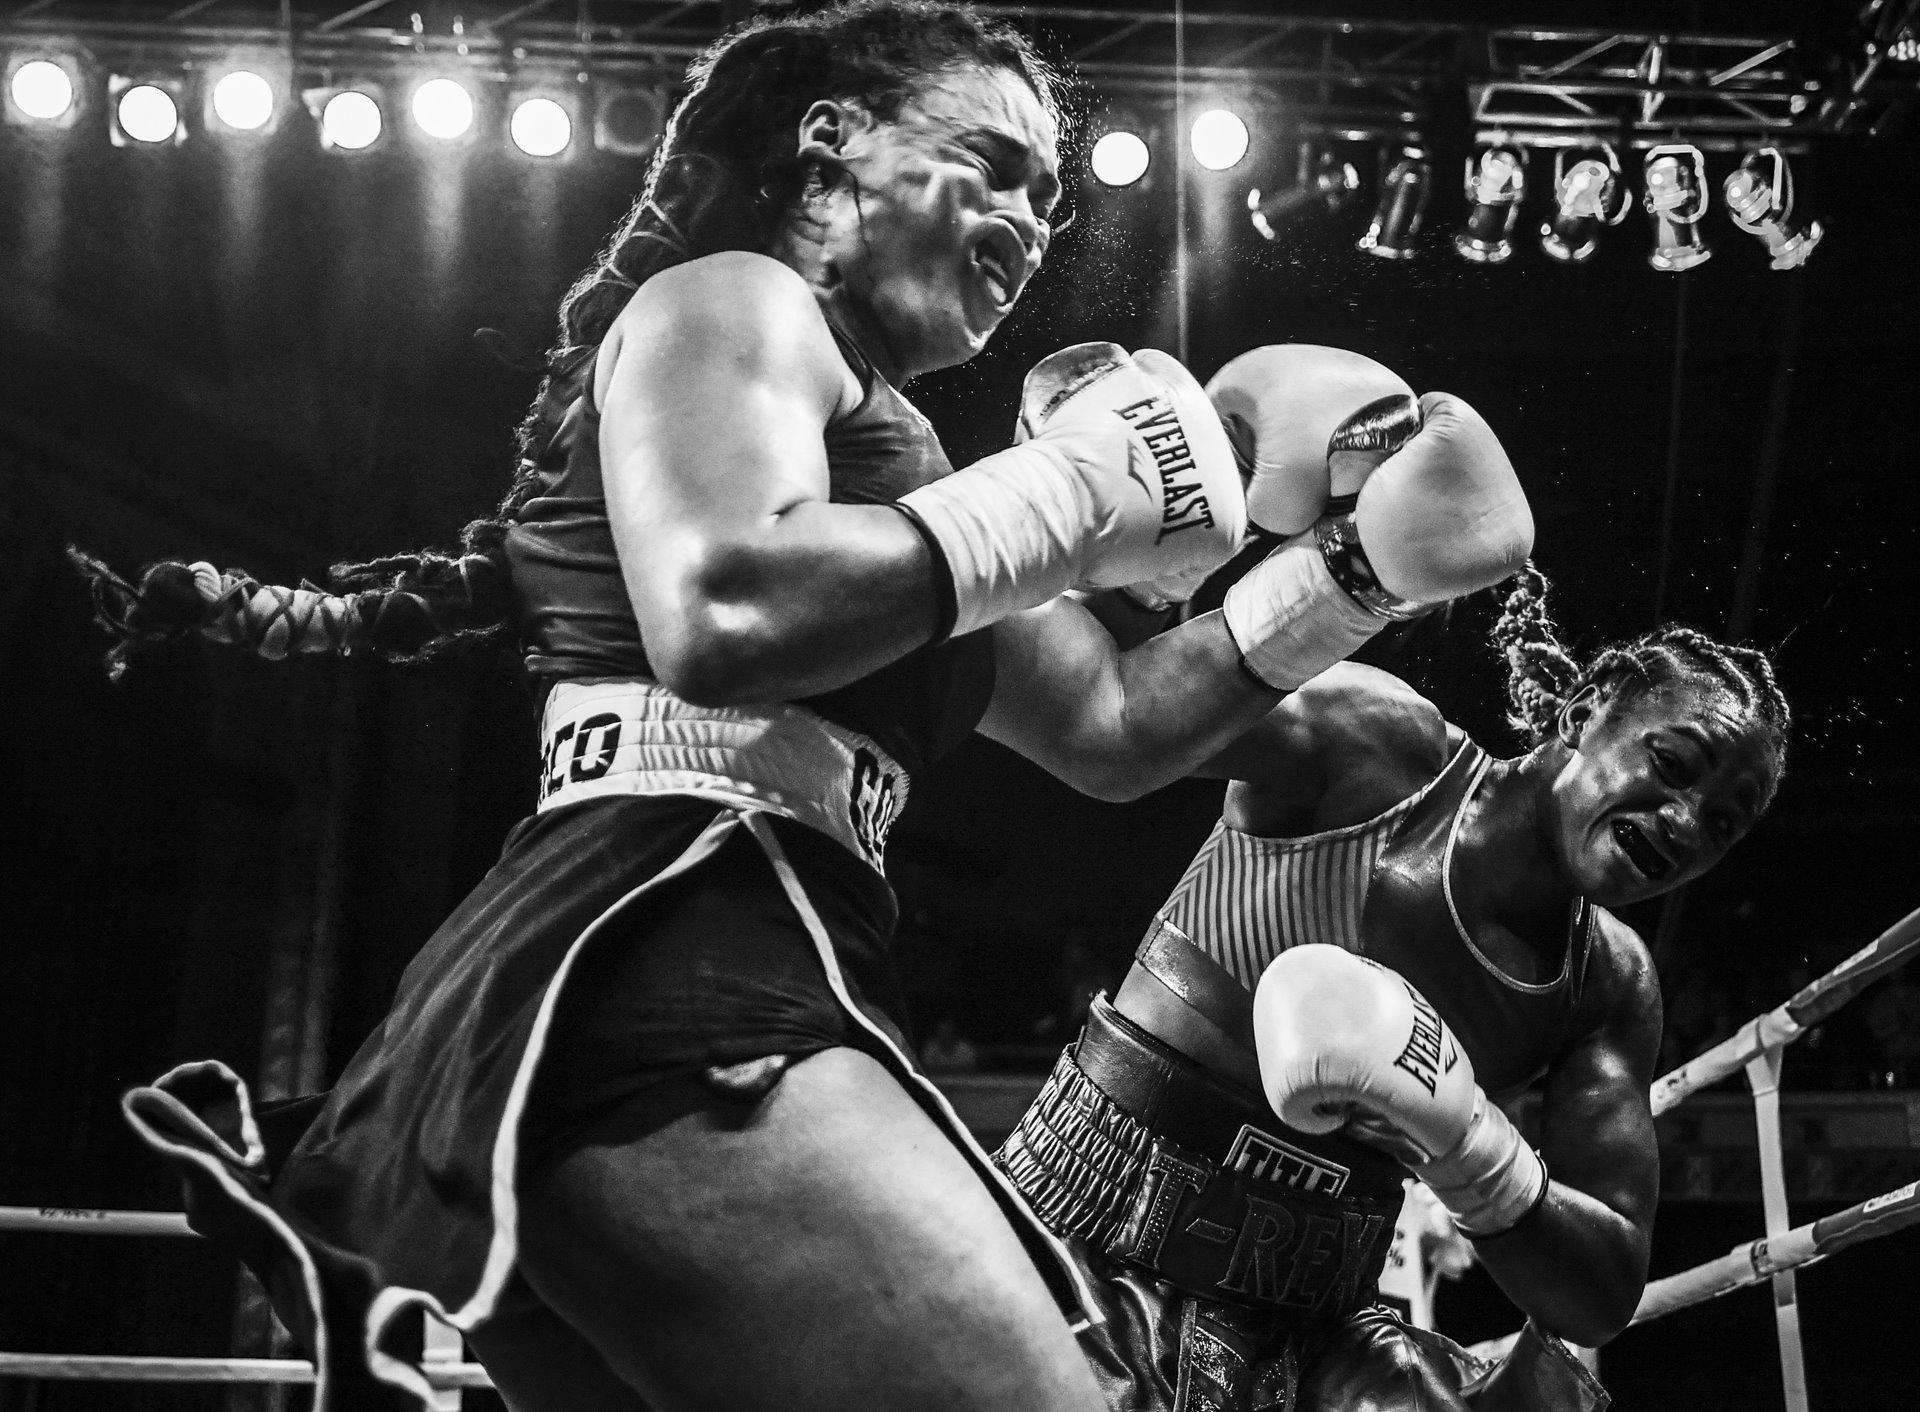 La campeona olímpica Claressa Shields -a la derecha- se encuentra con Hanna Gabriels en un combate de boxeo en el Templo Masónico en Detroit, Michigan, Estados Unidos. Shields sufrió una derrota de segunda ronda por parte de Gabriels, la primera en su carrera, pero ganó el partido por decisión unánime / Foto: Terrell Groggins